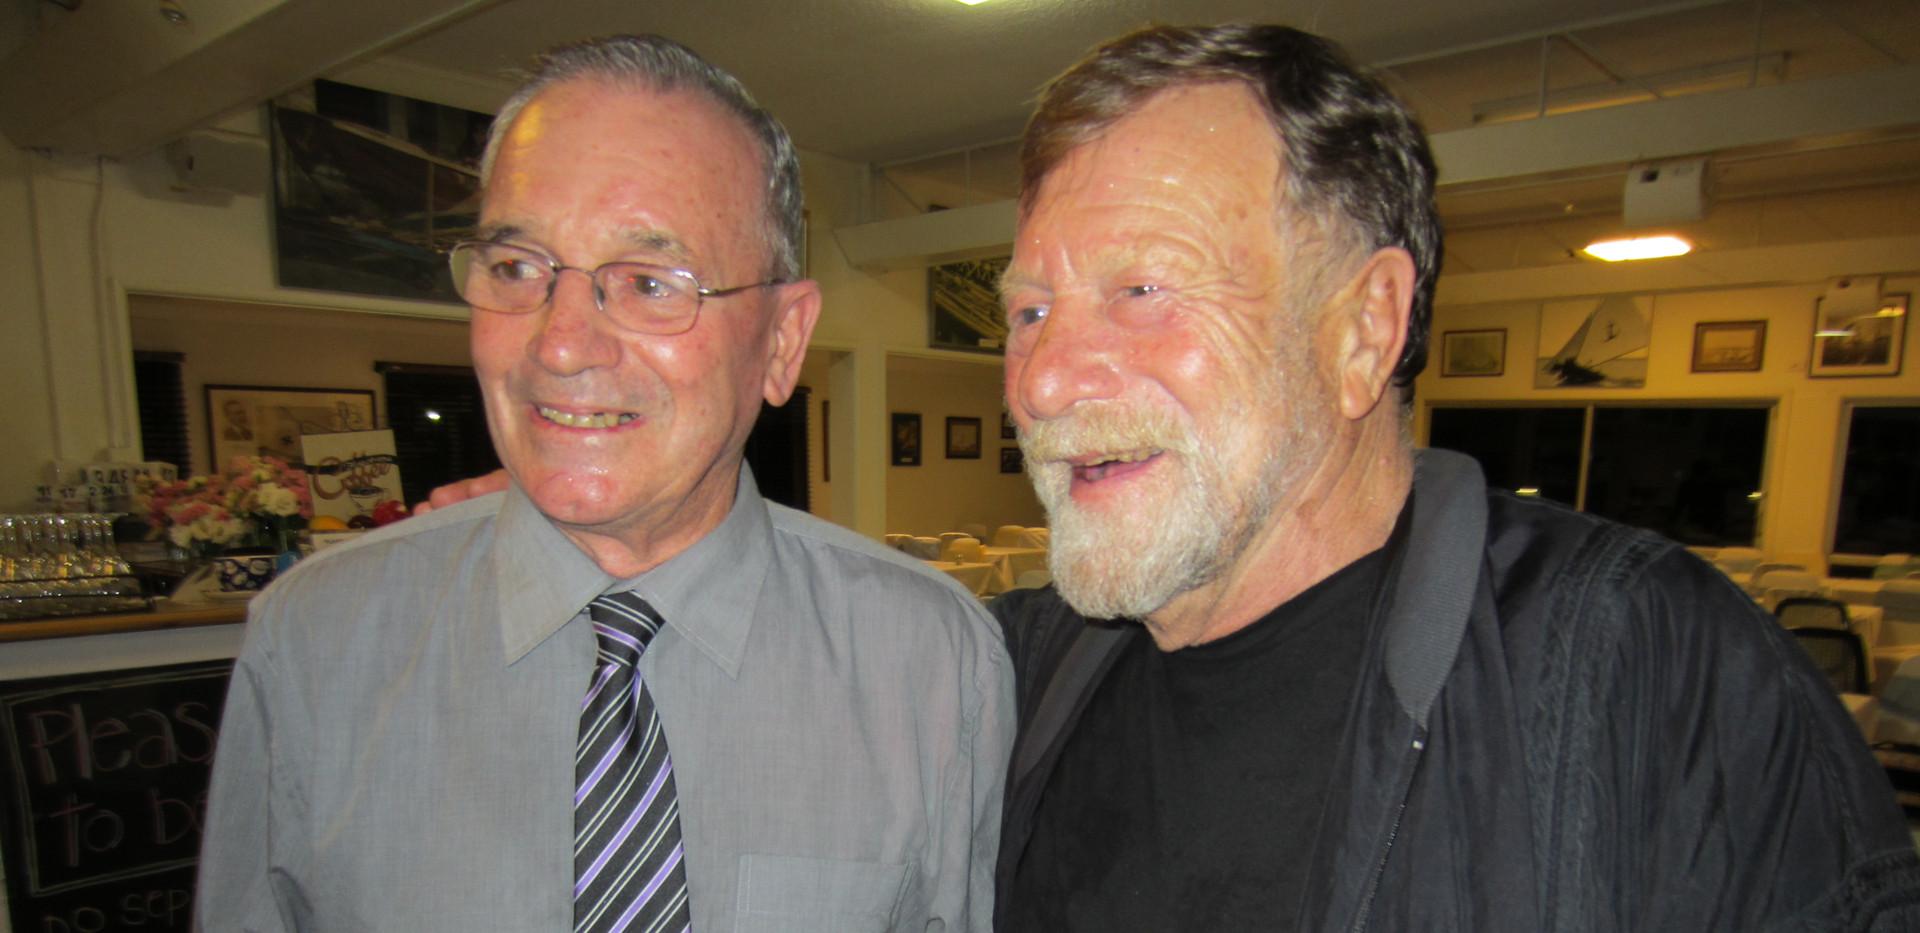 Jack Thompson and Mark Foy